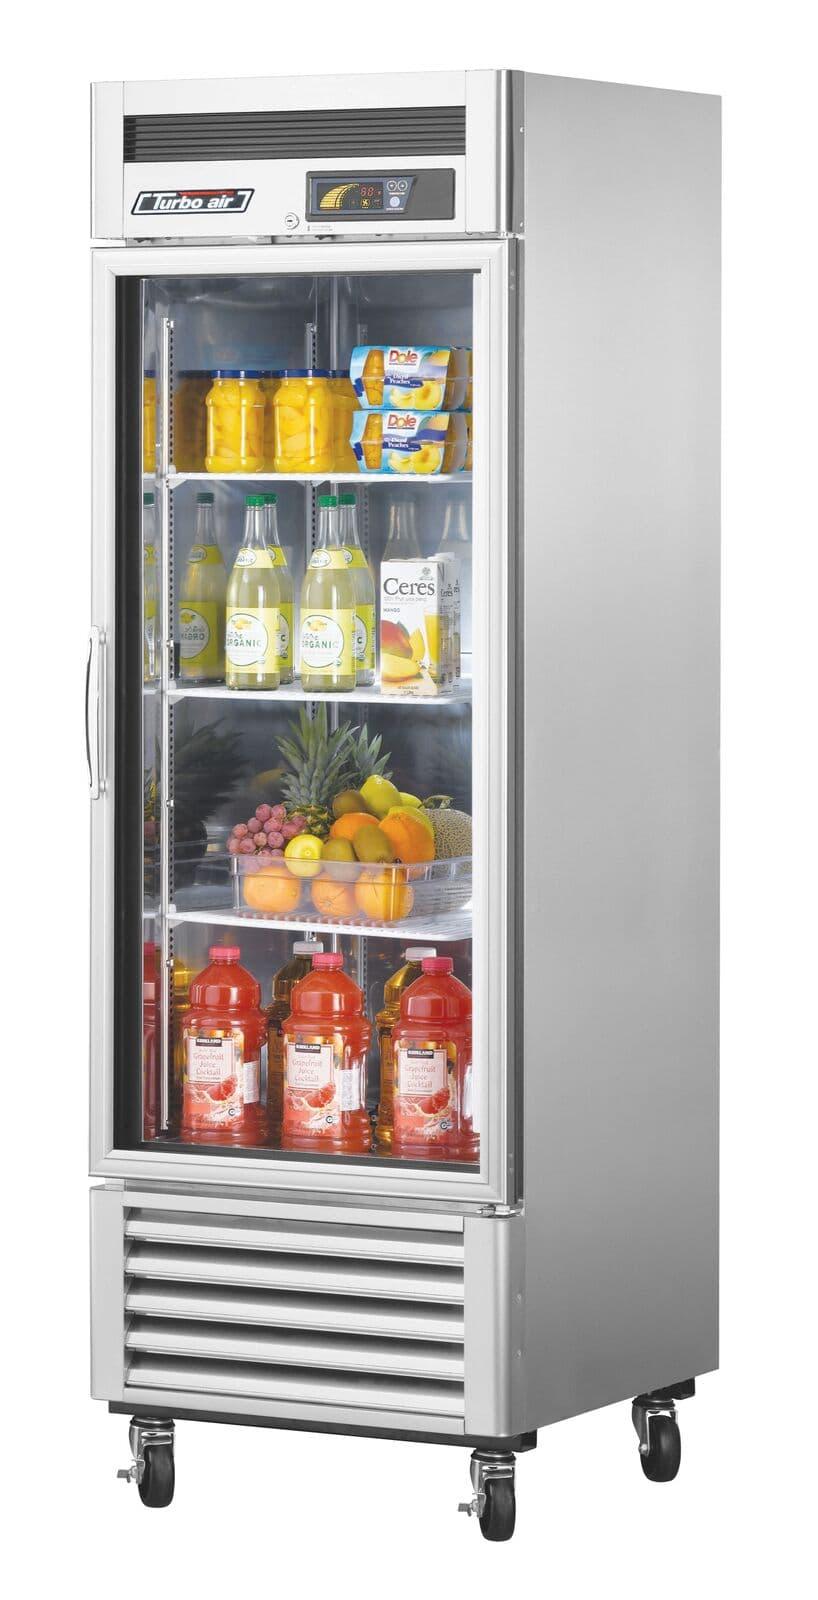 Turbo air msr 23g 1 super deluxe glass door for 1 glass door refrigerator